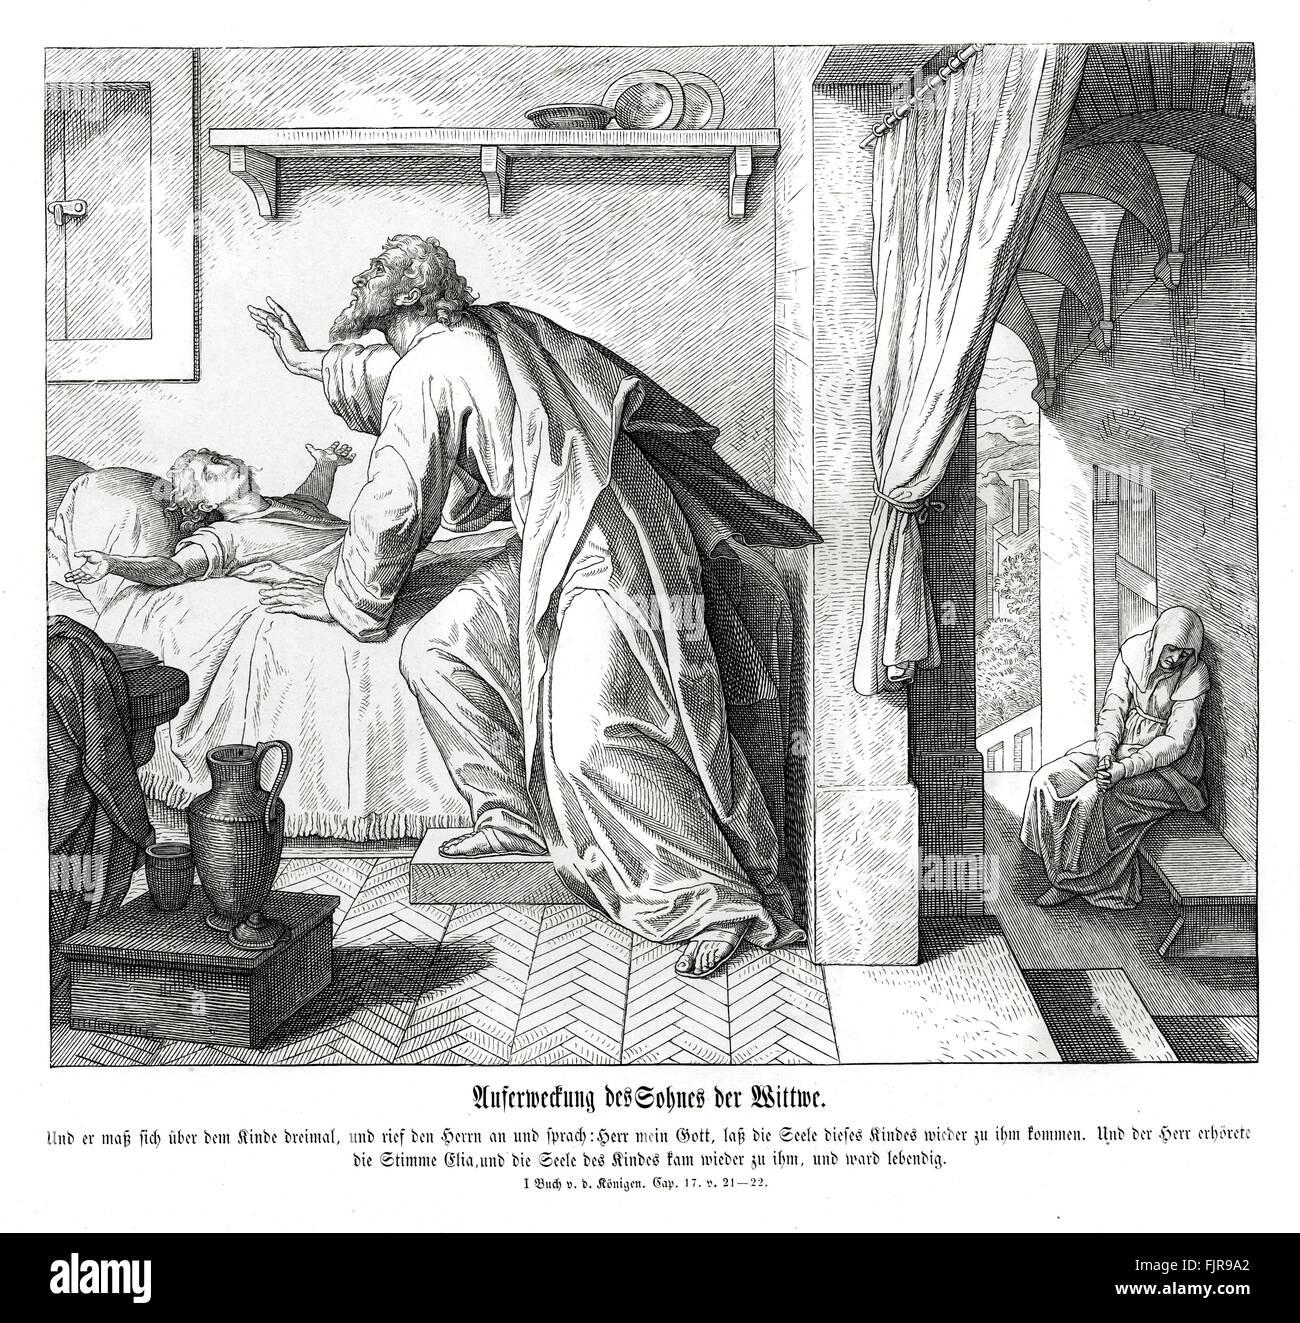 """Wiederbelebung der Sohn der Witwe, 1 Könige Kapitel XVII Verse 21-22 """"und er streckte sich auf das Kind Stockbild"""